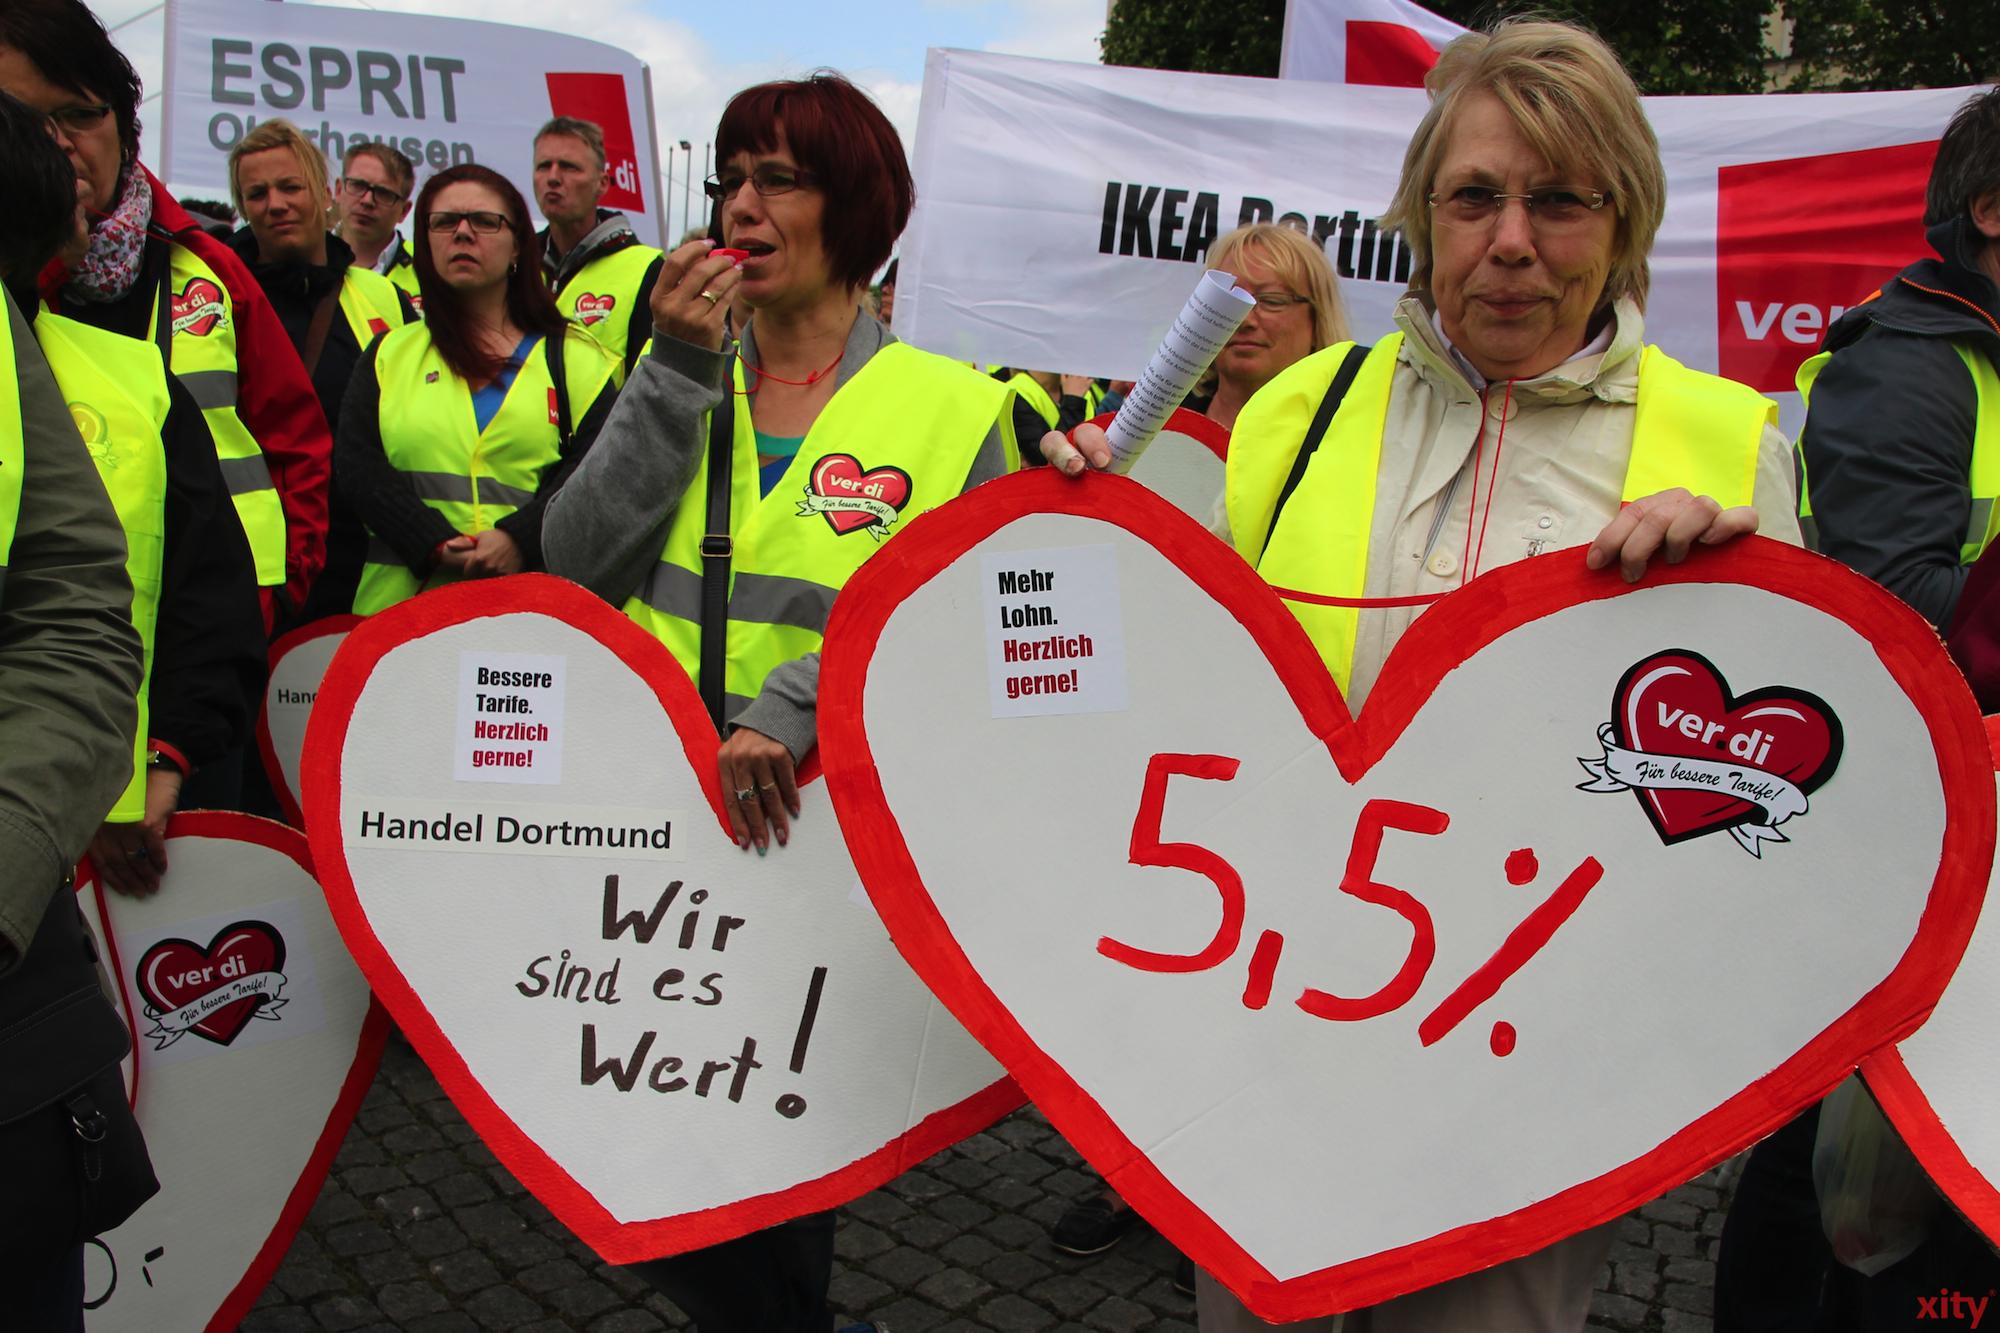 Sie forden 5,5% mehr Gehalt (Foto: xity)